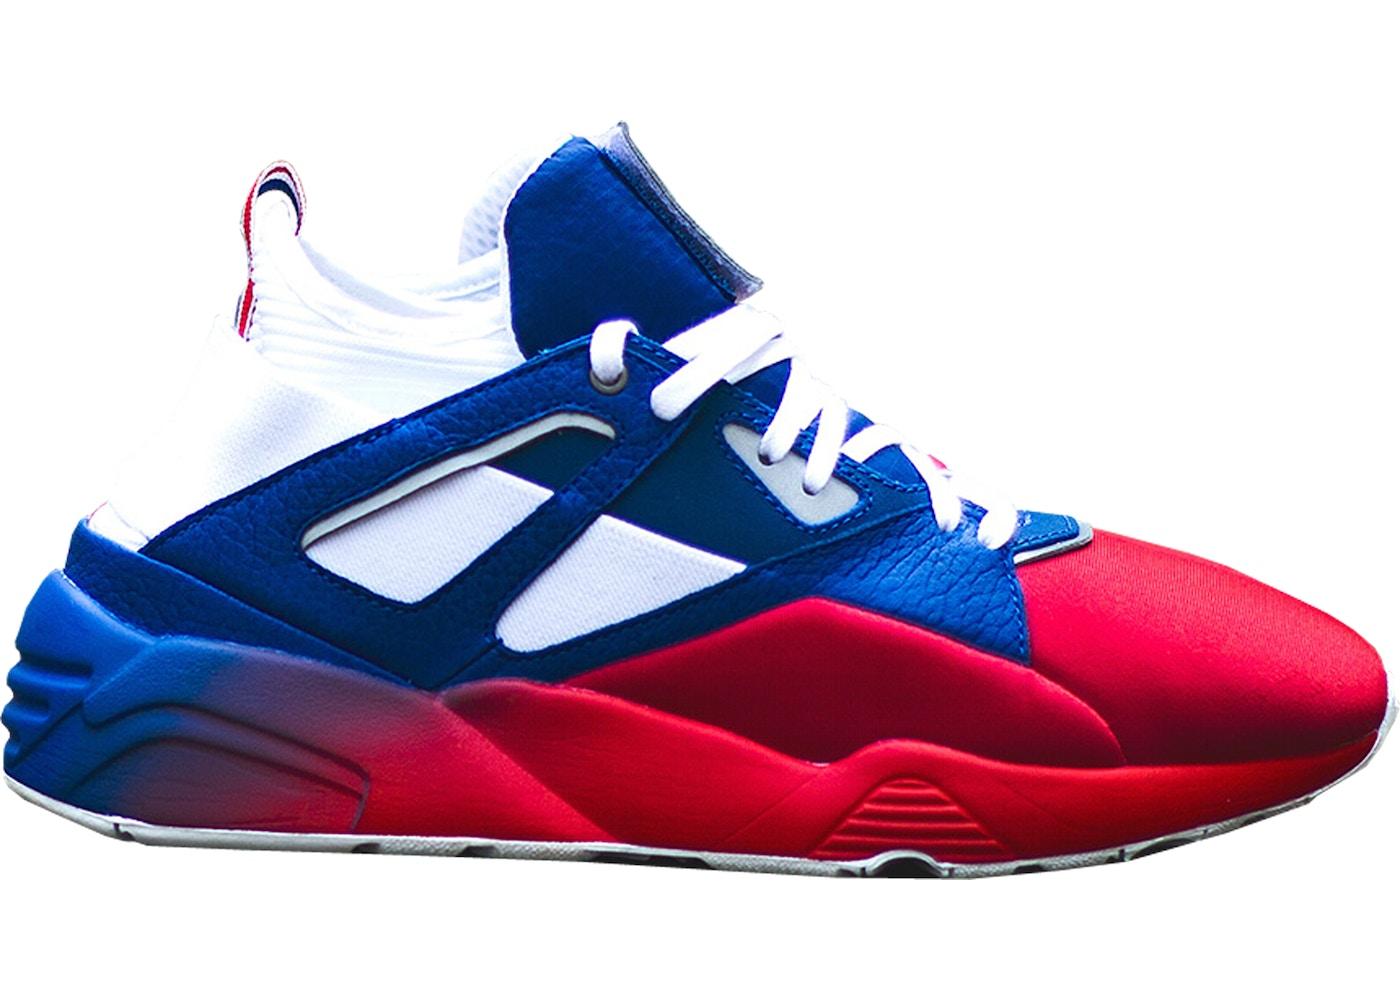 ce2852f1b84b Puma Blaze Of Glory Sock Sneakerness Paris Patriot Red - 363502-01